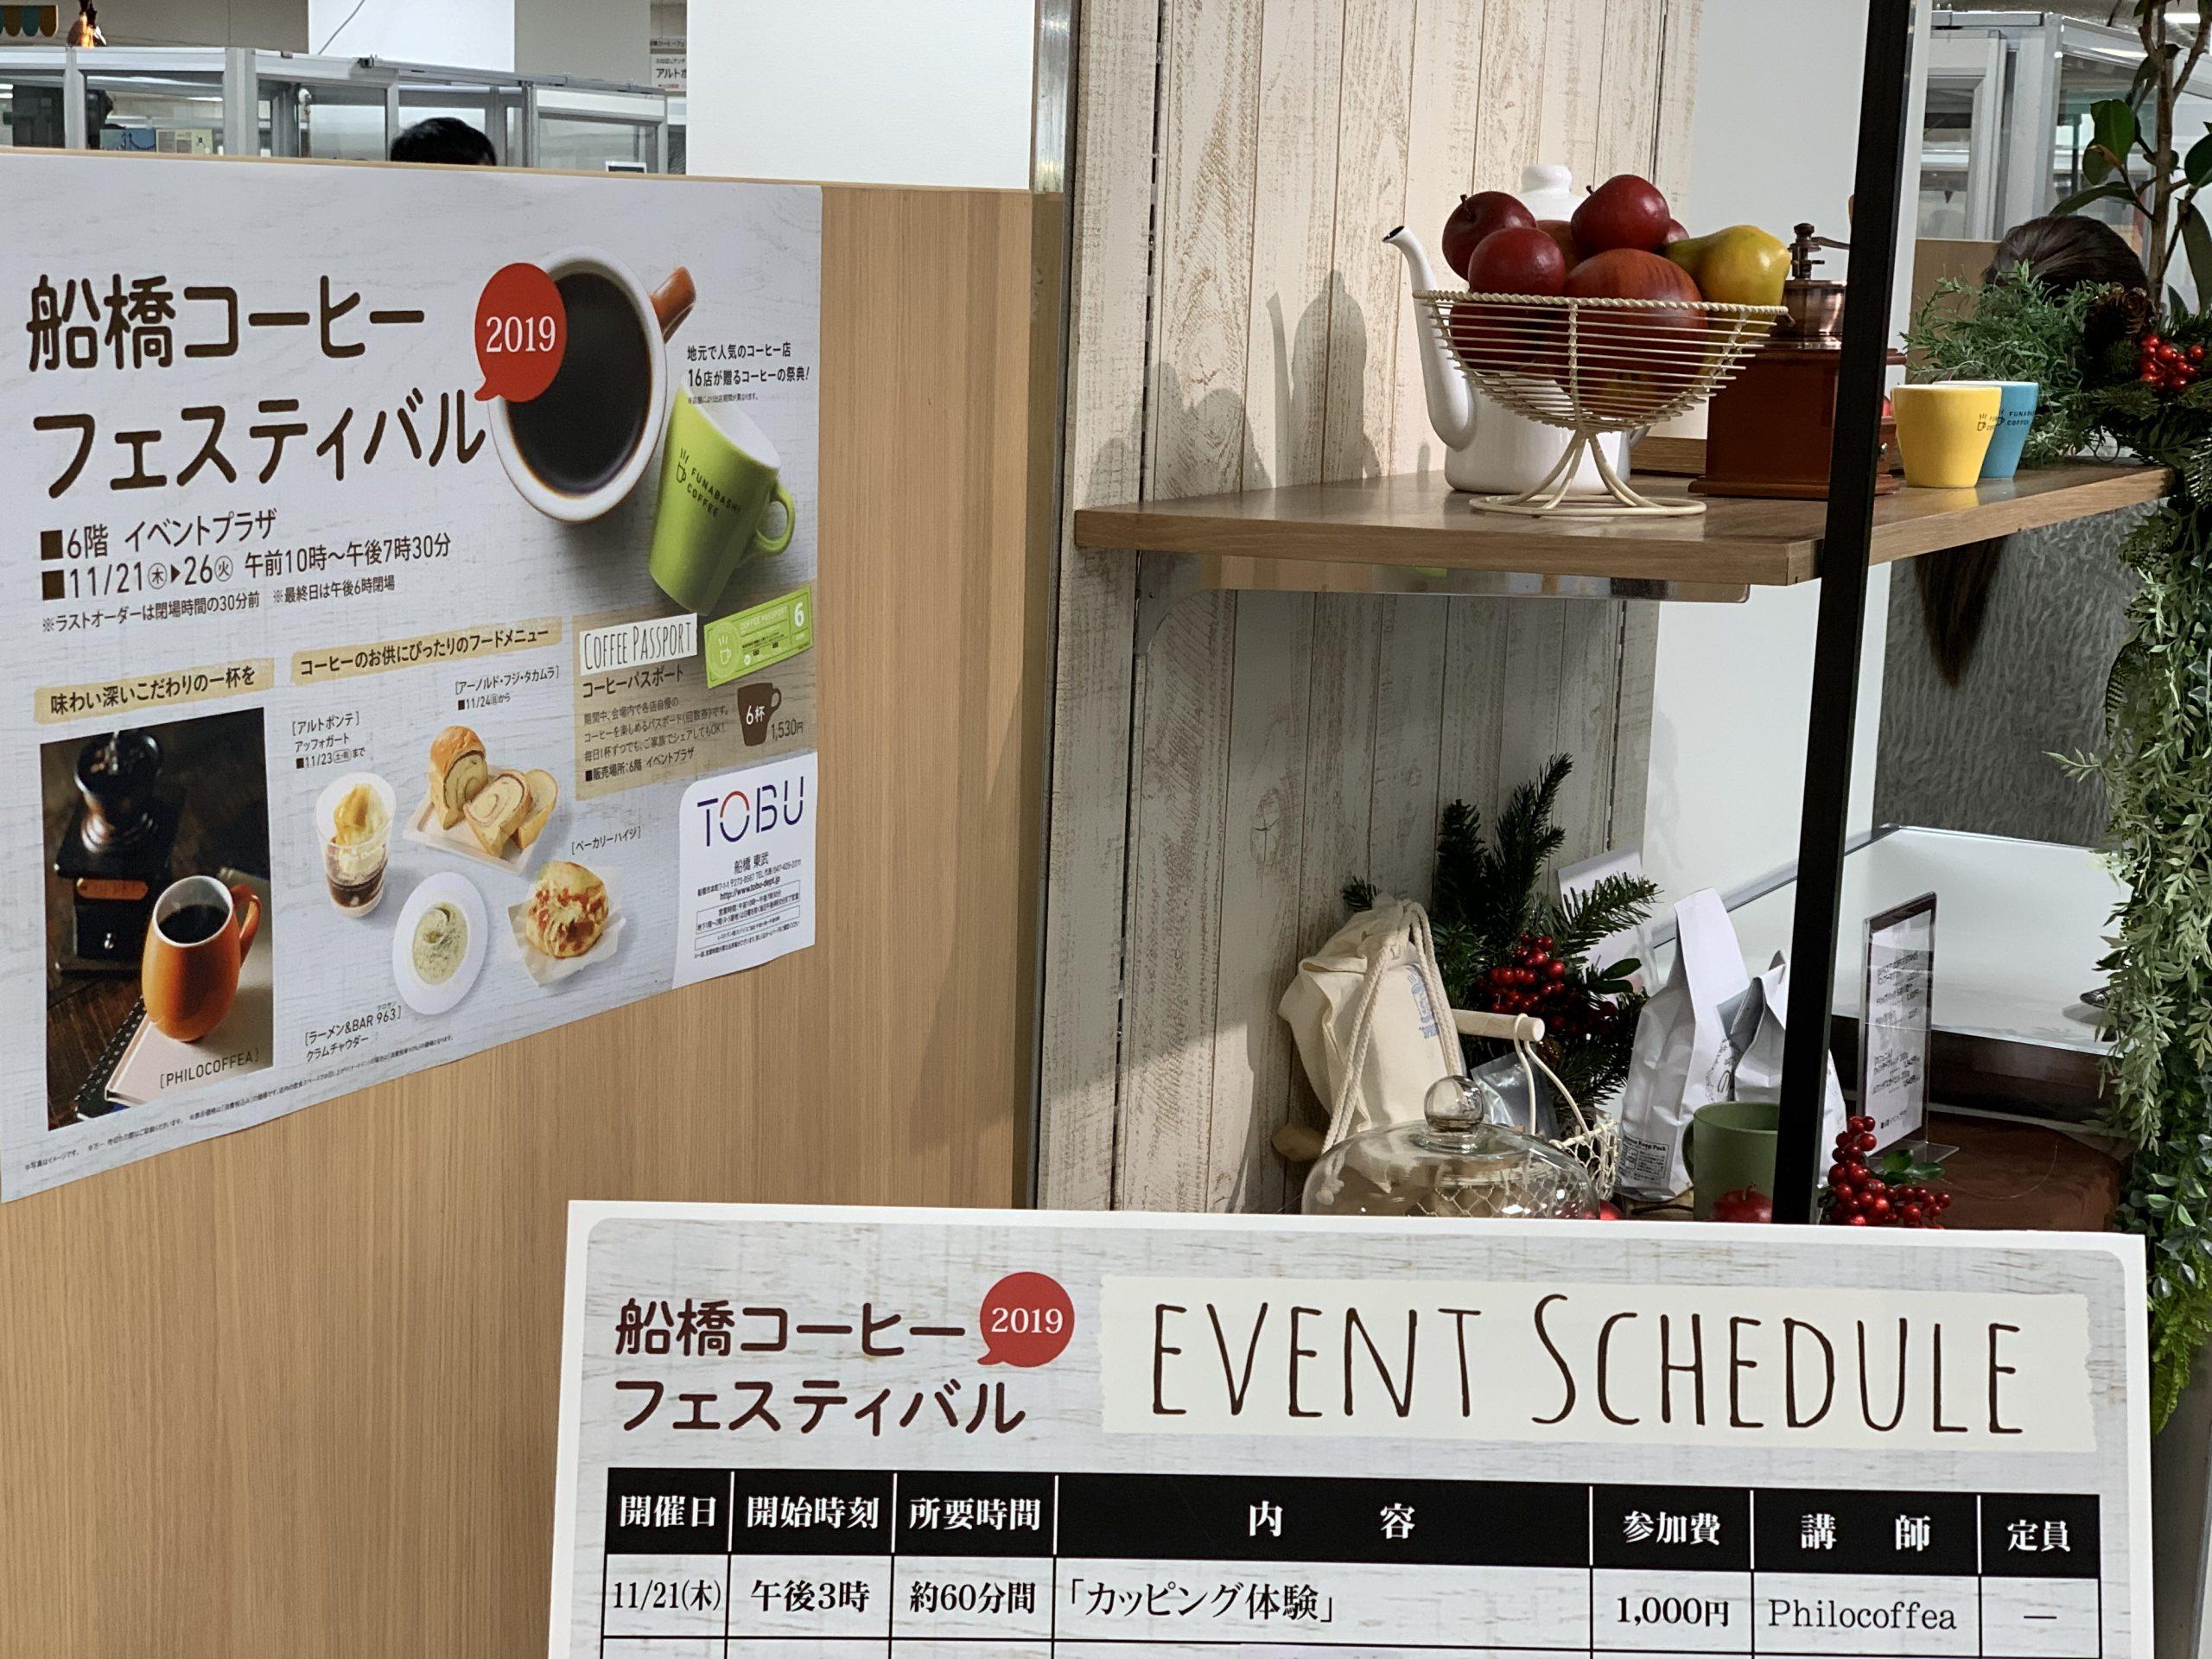 珈琲オールスター!船橋コーヒーフェスティバル2019レポート